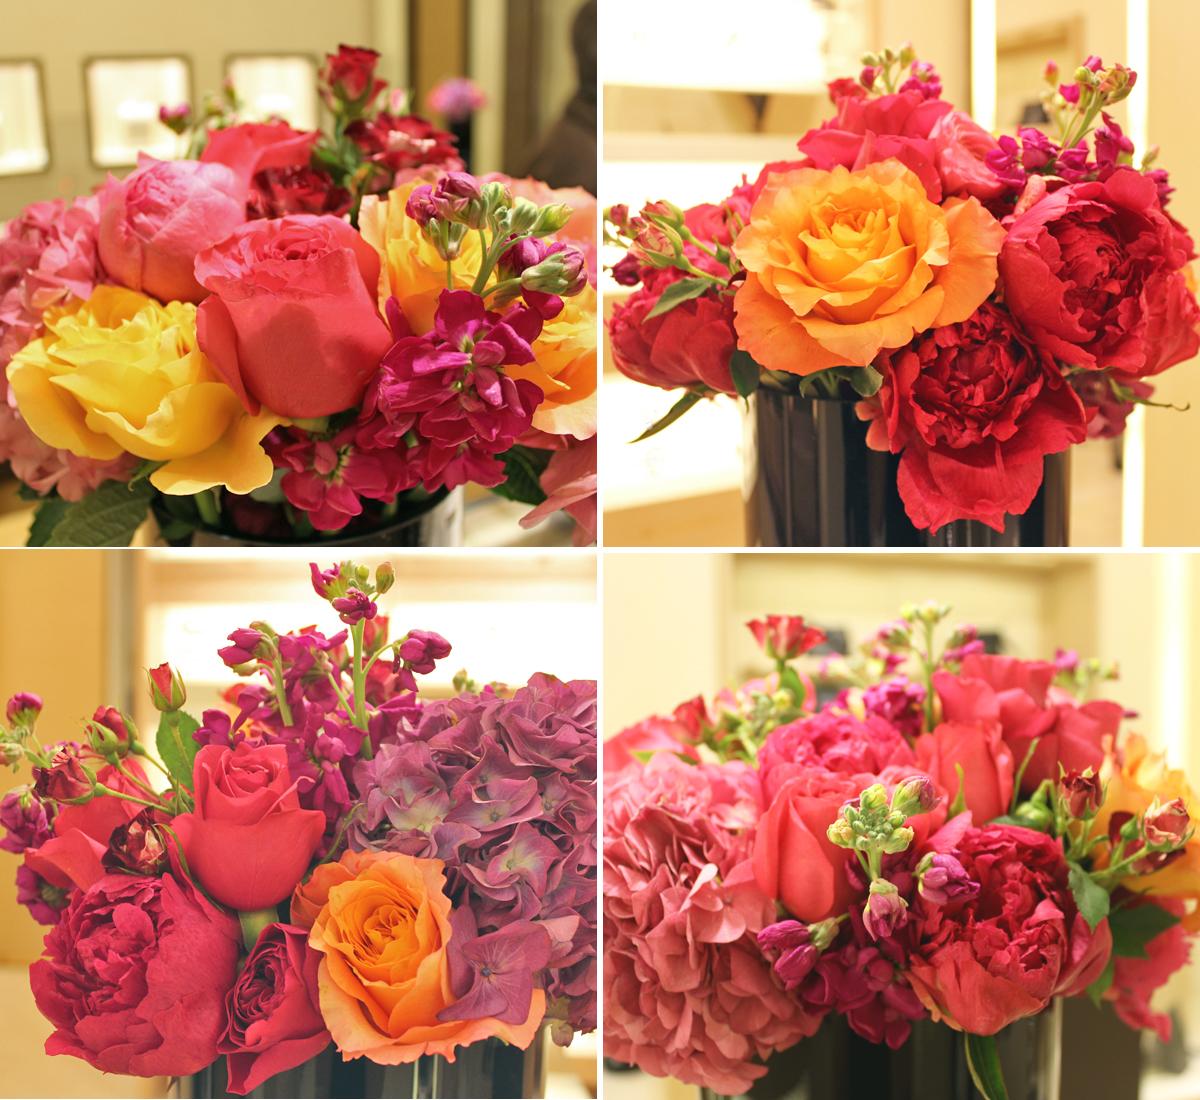 jewel-tone-flowers-7